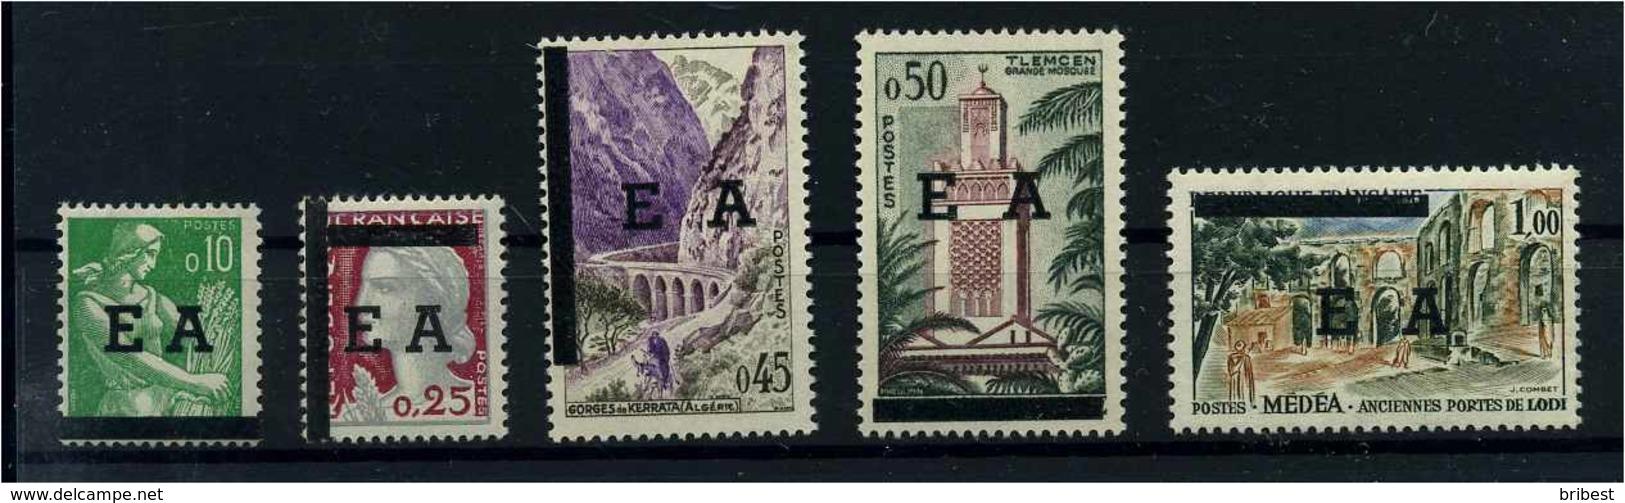 ALGERIEN 1962 Nr 383-387 Postfrisch (104500) - Algerien (1962-...)